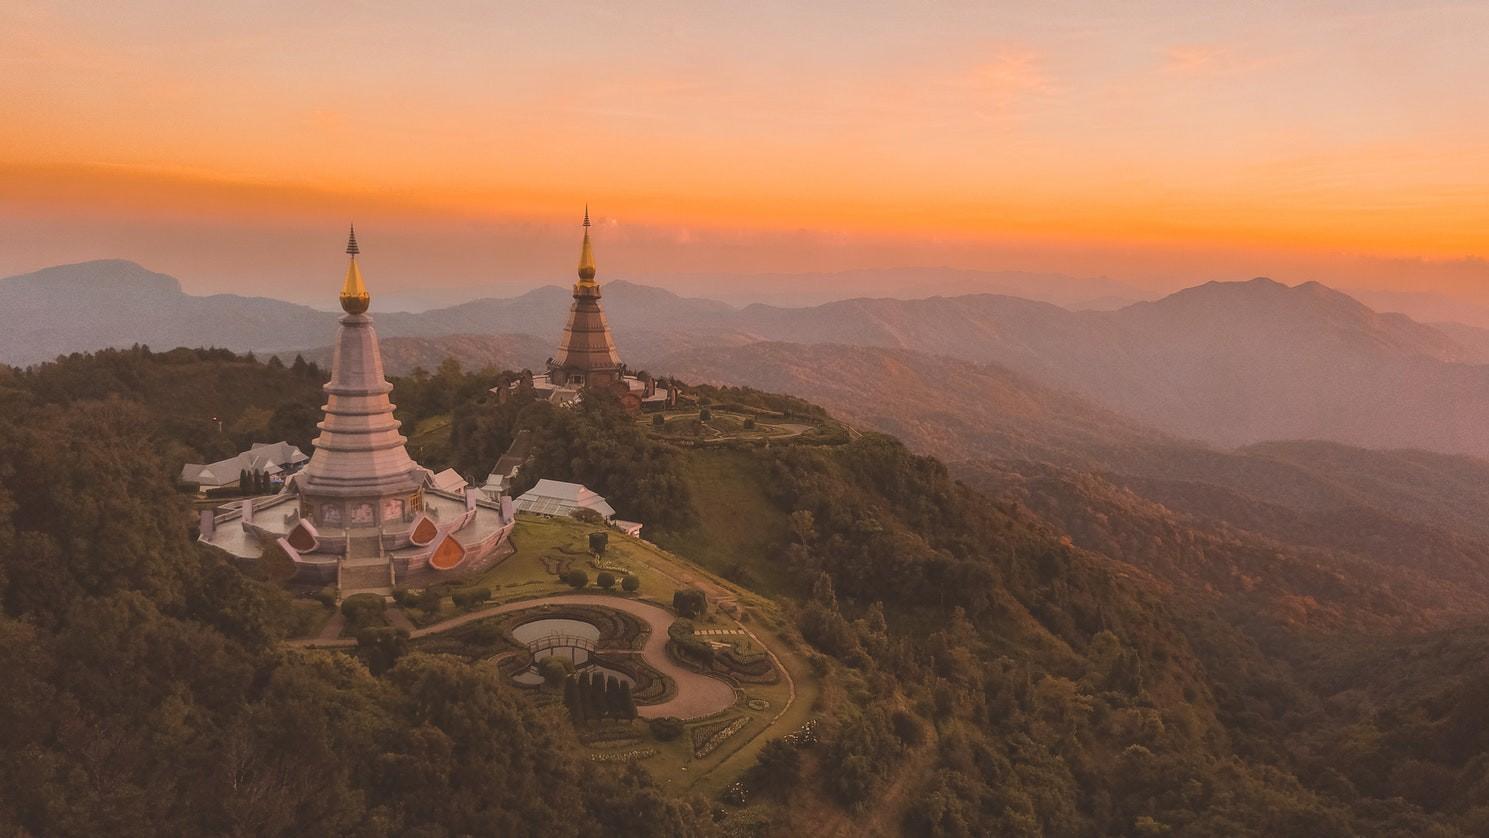 Tạp chí Vogue Úc đánh giá Việt Nam là 1 trong 15 nơi tuyệt vời để đi du lịch một mình - Ảnh 38.